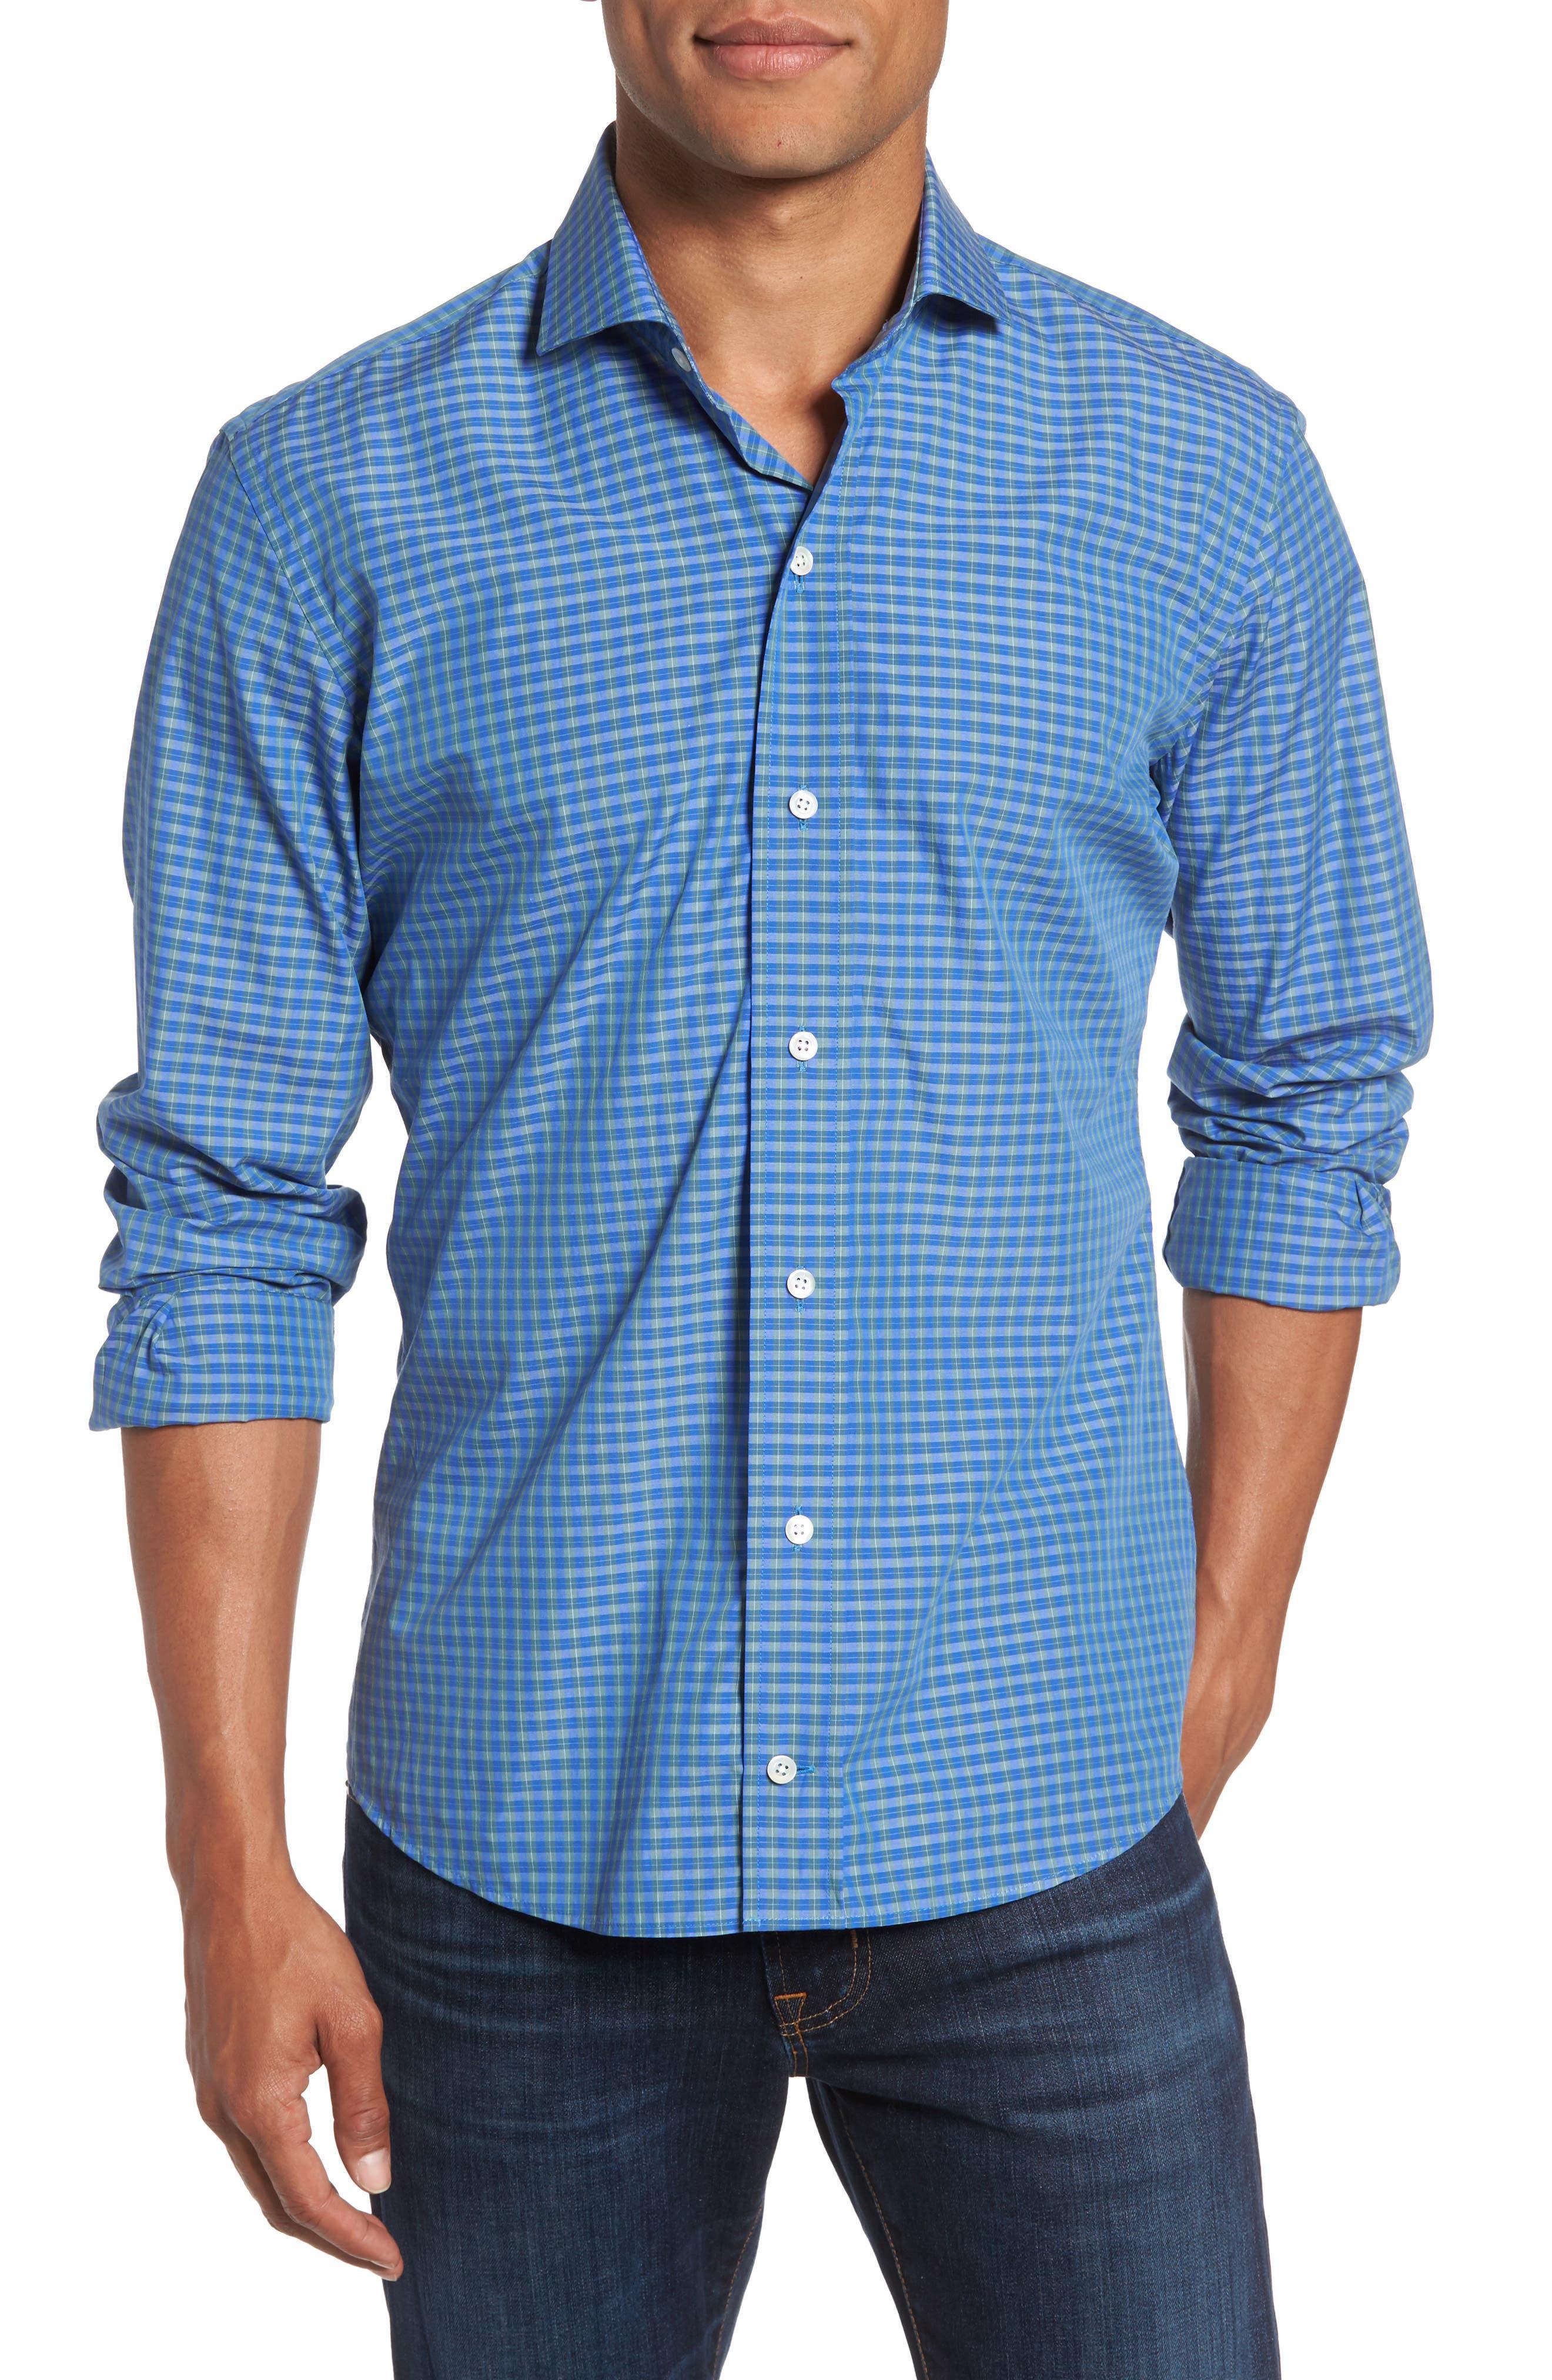 Alden Slim Fit Plaid Sport Shirt,                             Main thumbnail 1, color,                             306